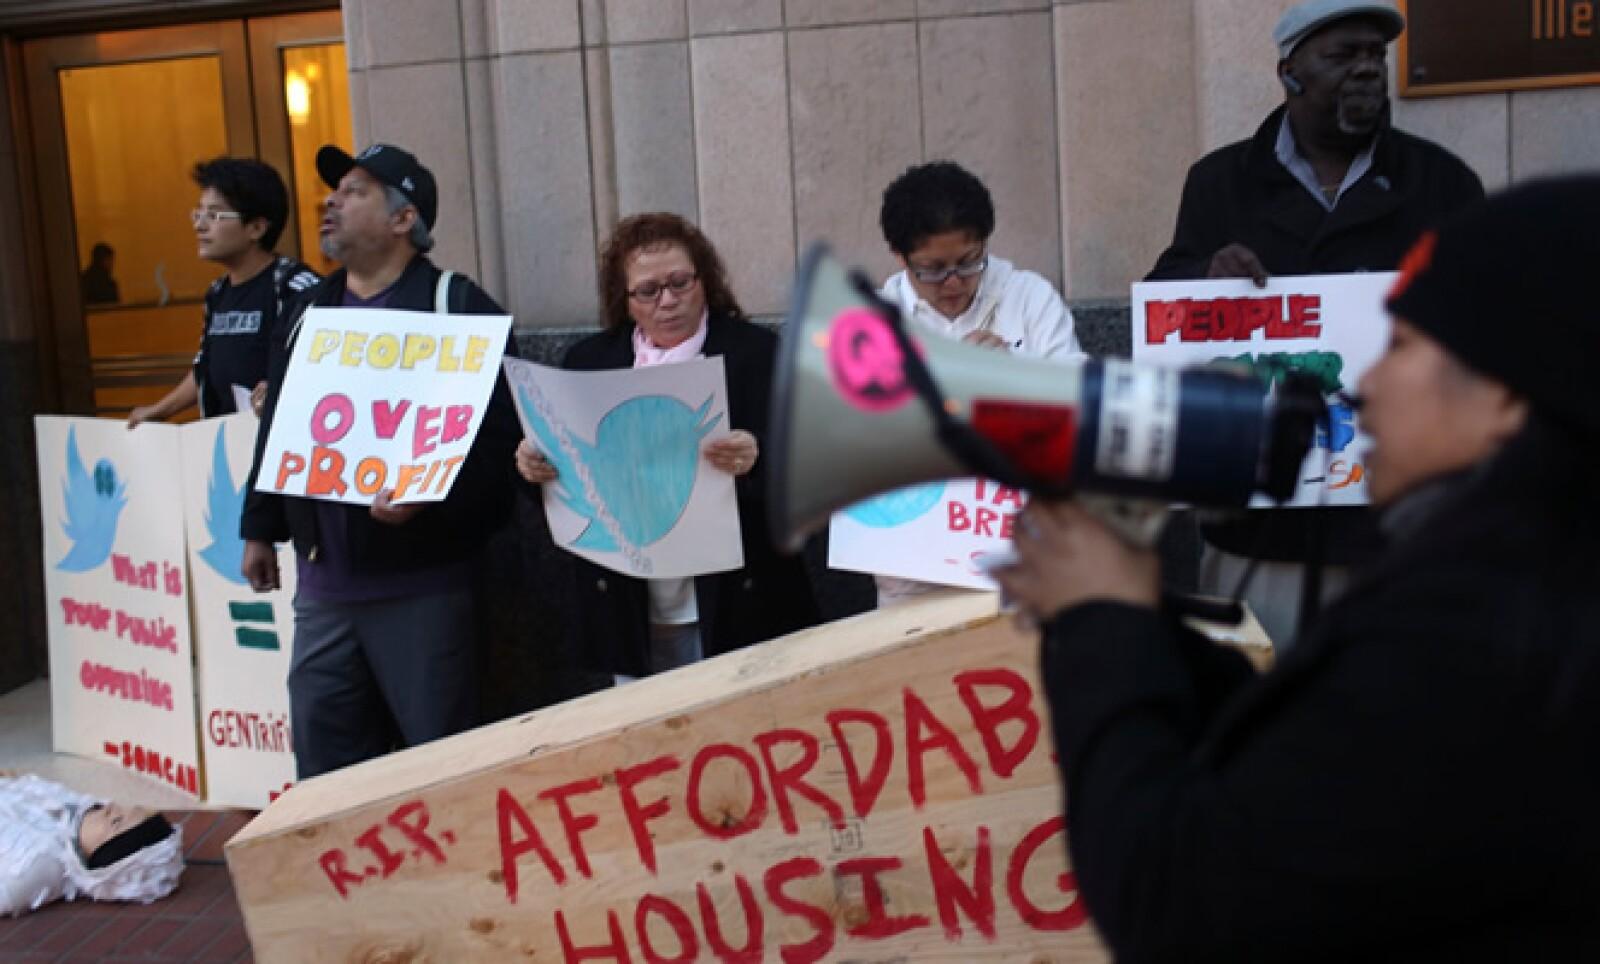 Un grupo de personas se manifestó contra los recortes de impuestos corporativos y los altos costos de la vivienda durante el debut del microblog.